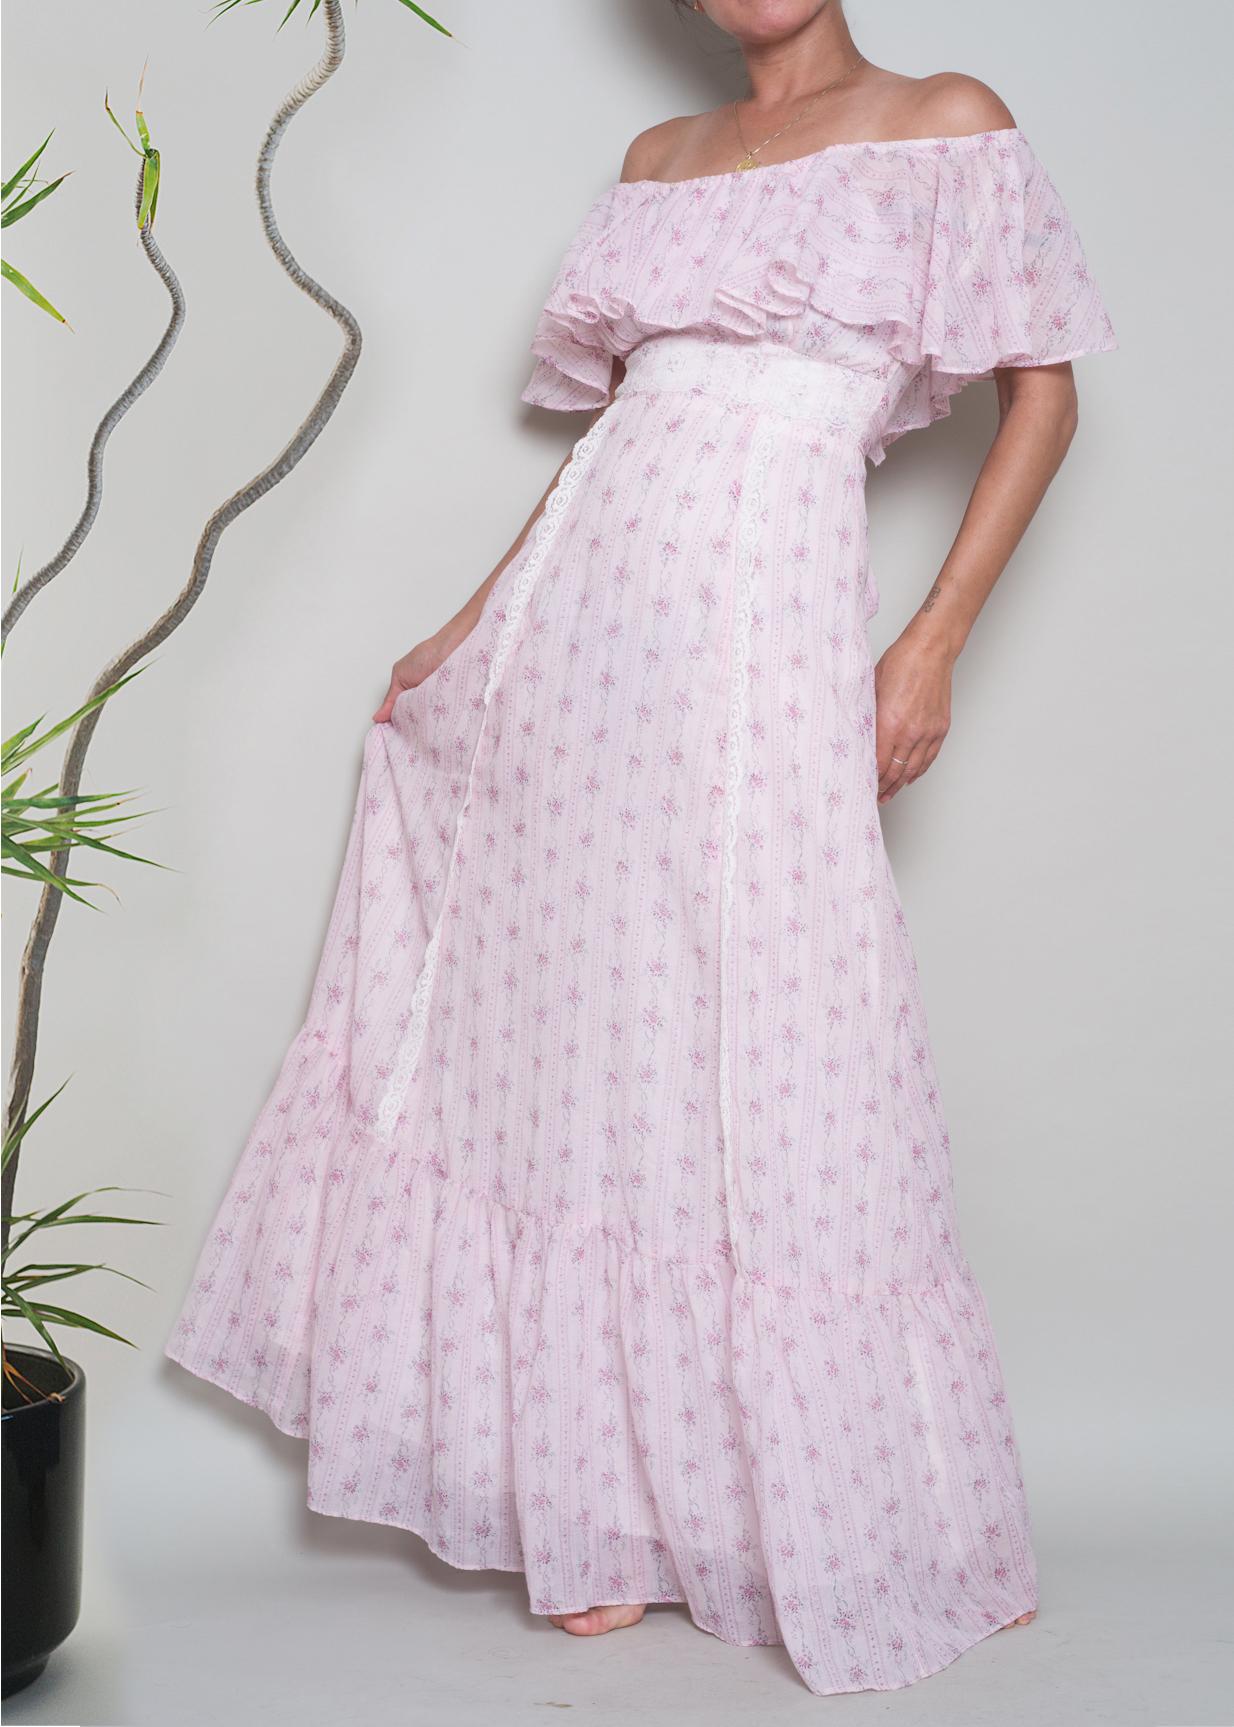 A_Part_of_the_Rest_Vintage_1970s_ditsy_cotton_floral_ruffle_neck_lace_trim_romantic_maxi_002.jpg